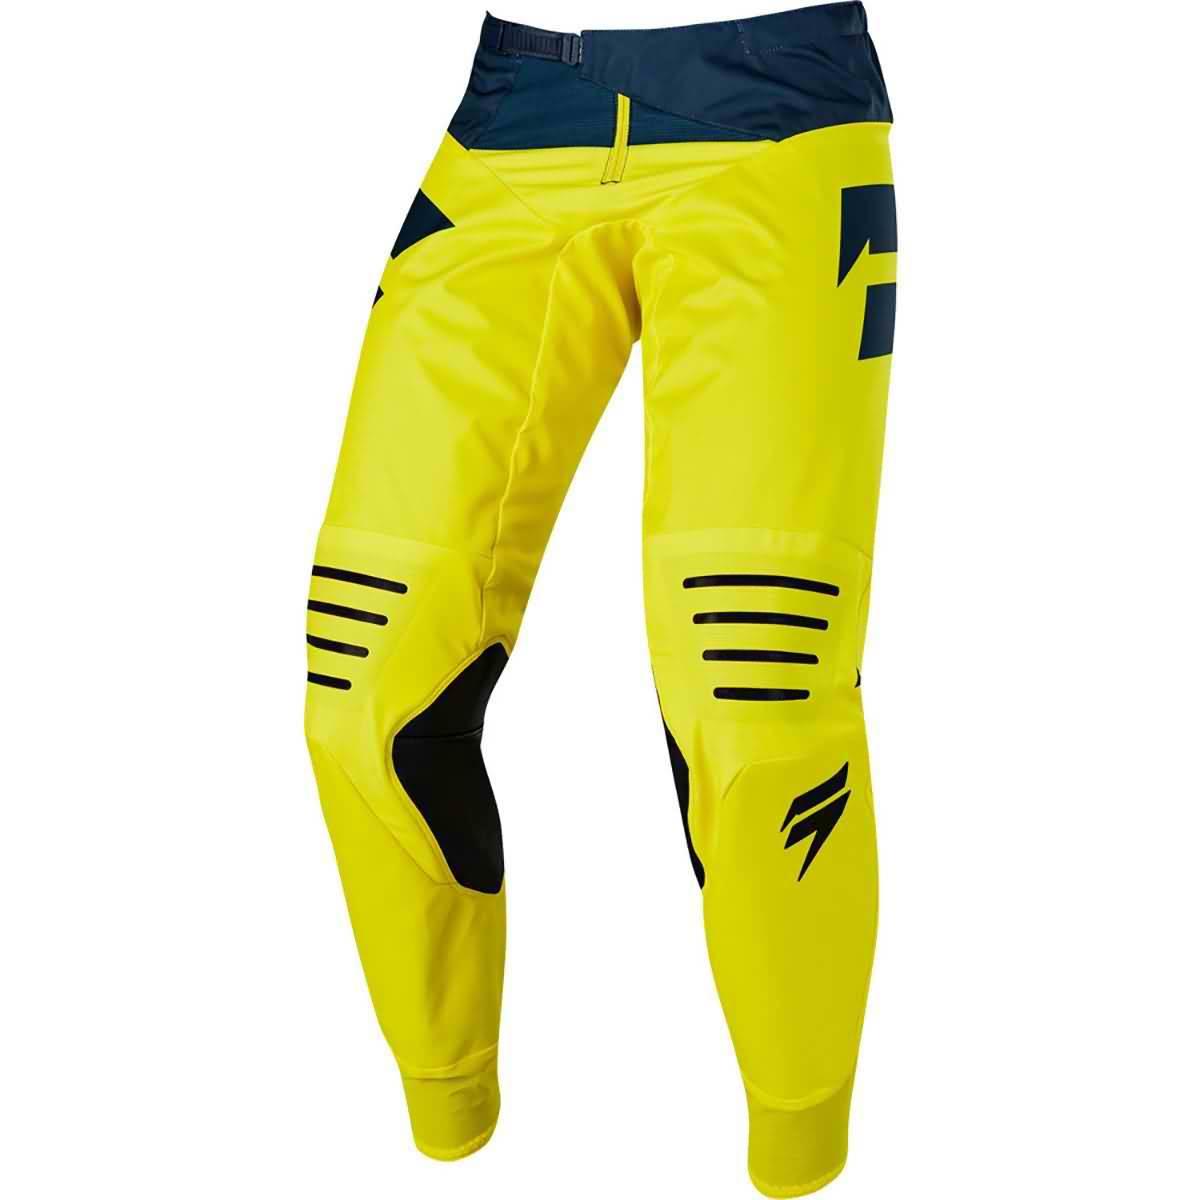 pantalon shift mainline amarillo/azul talle 30